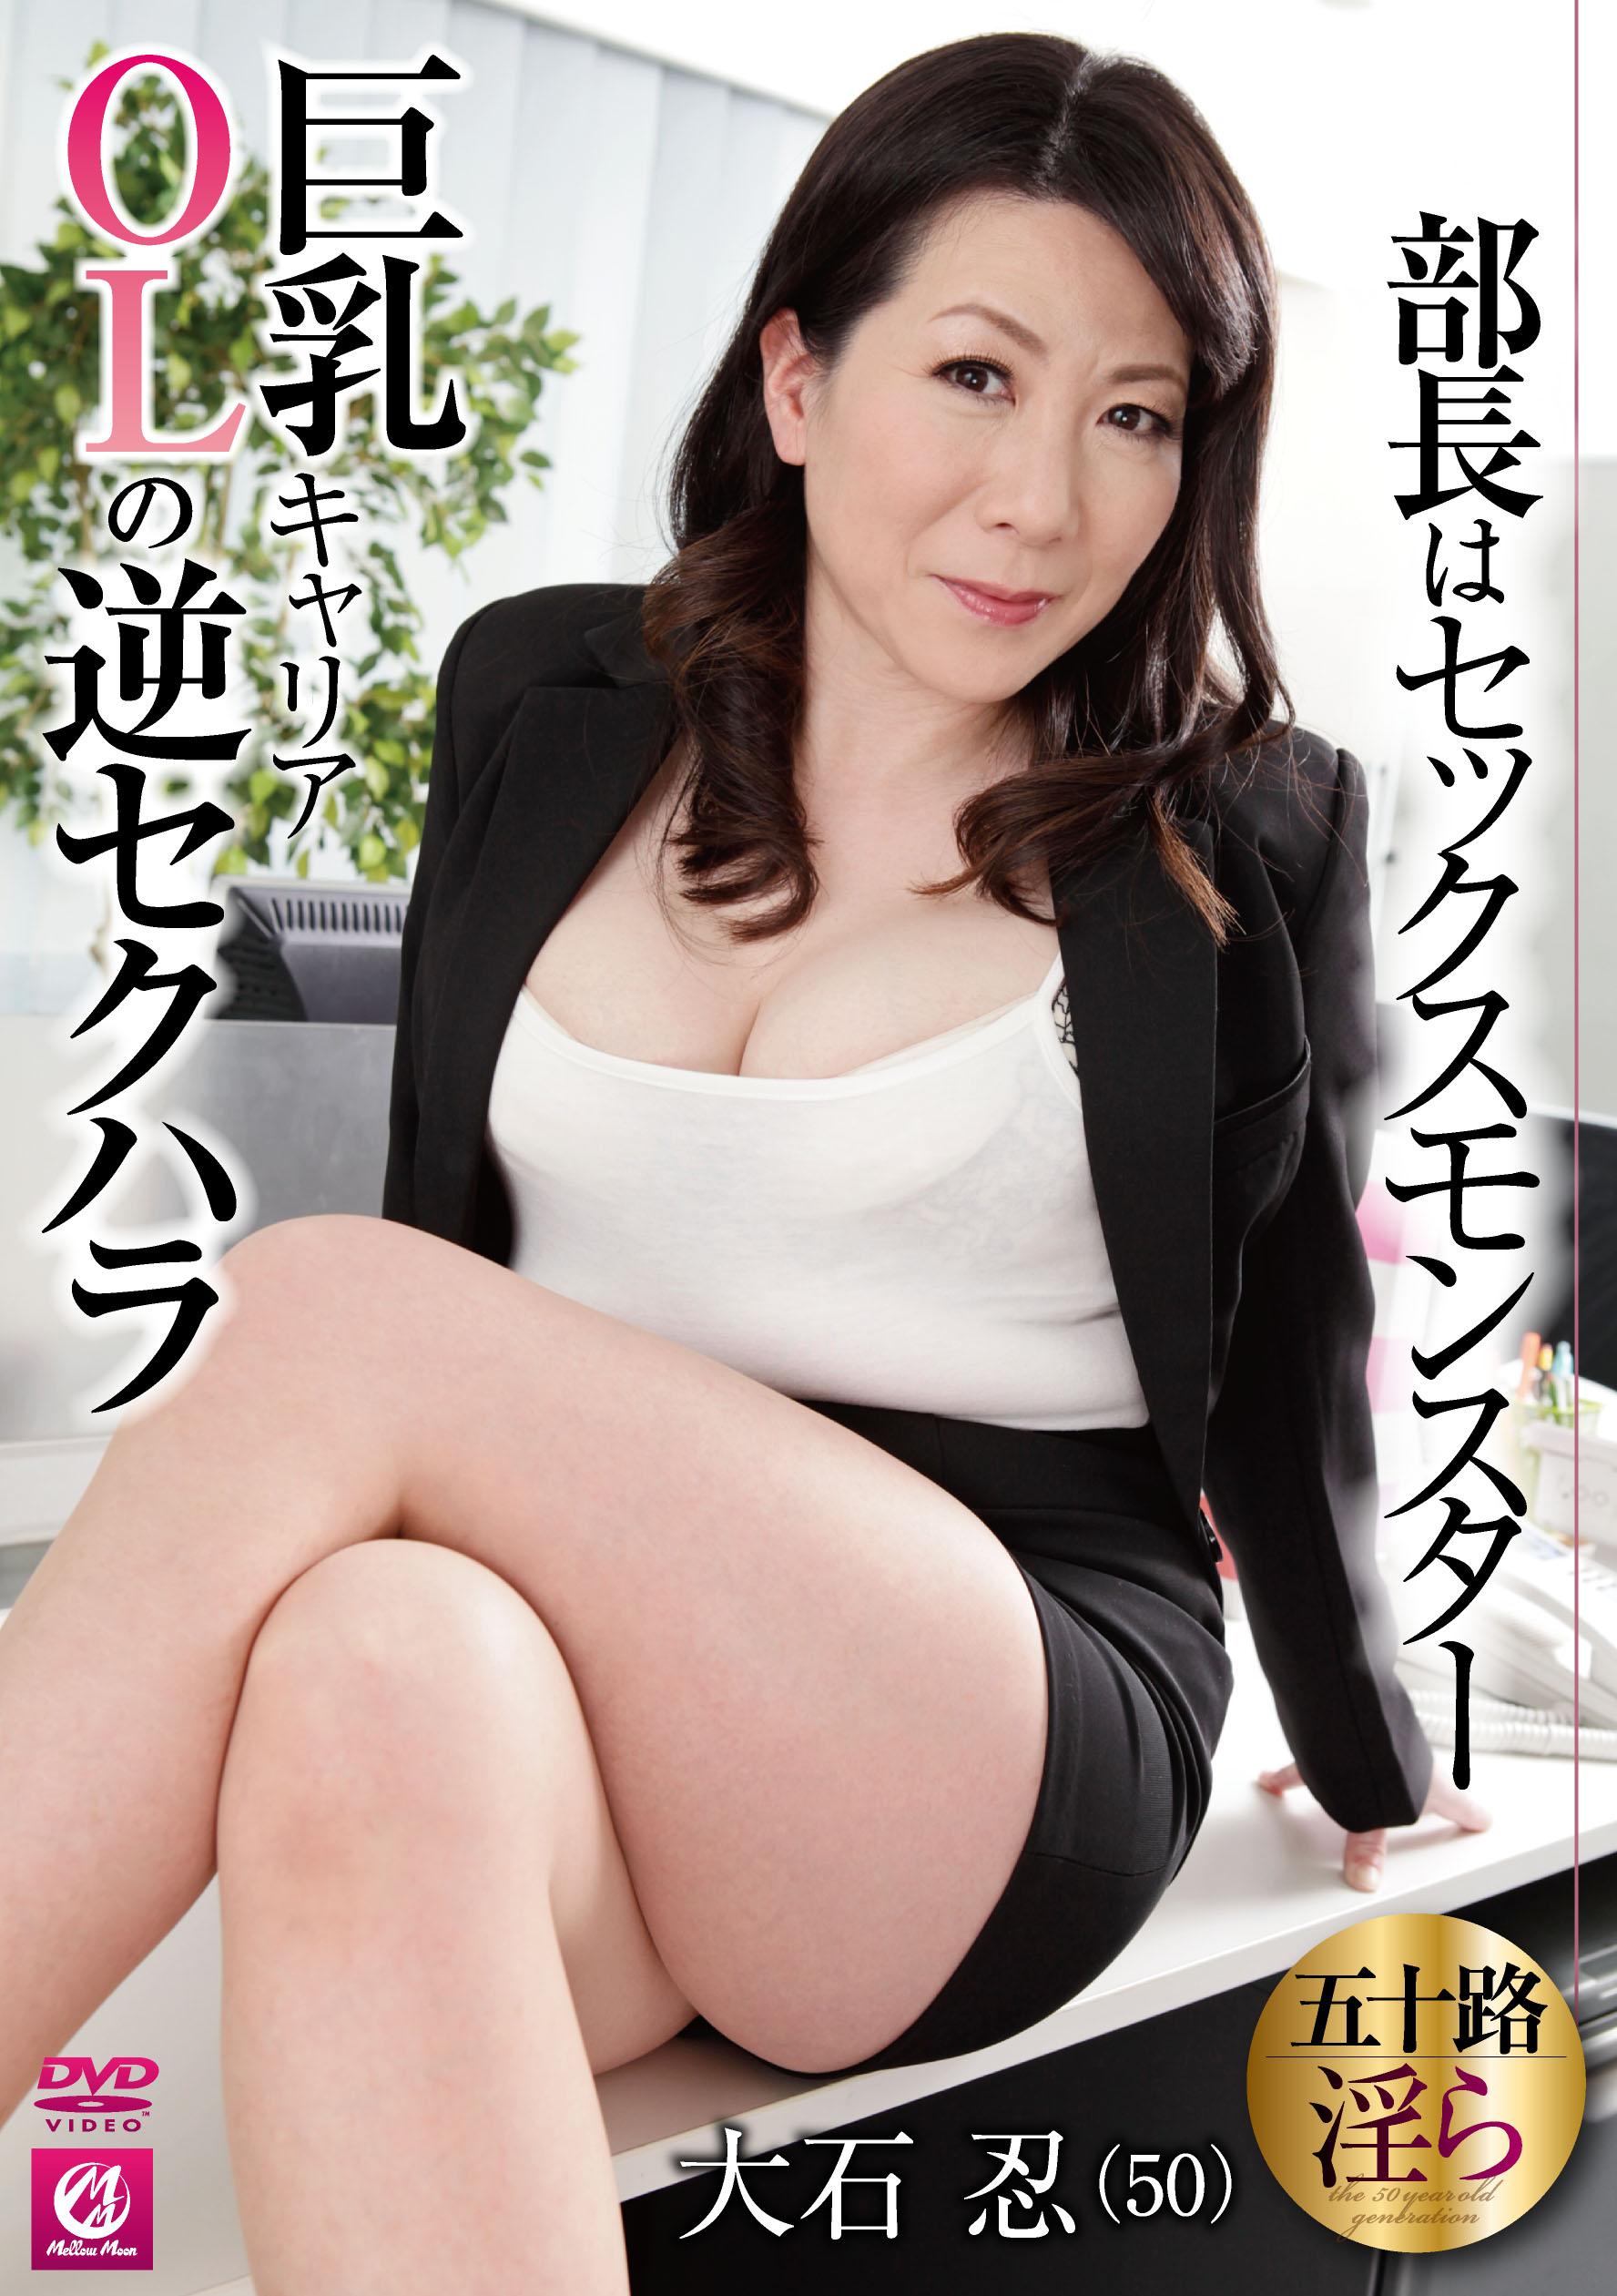 MLW-2151_JK_1